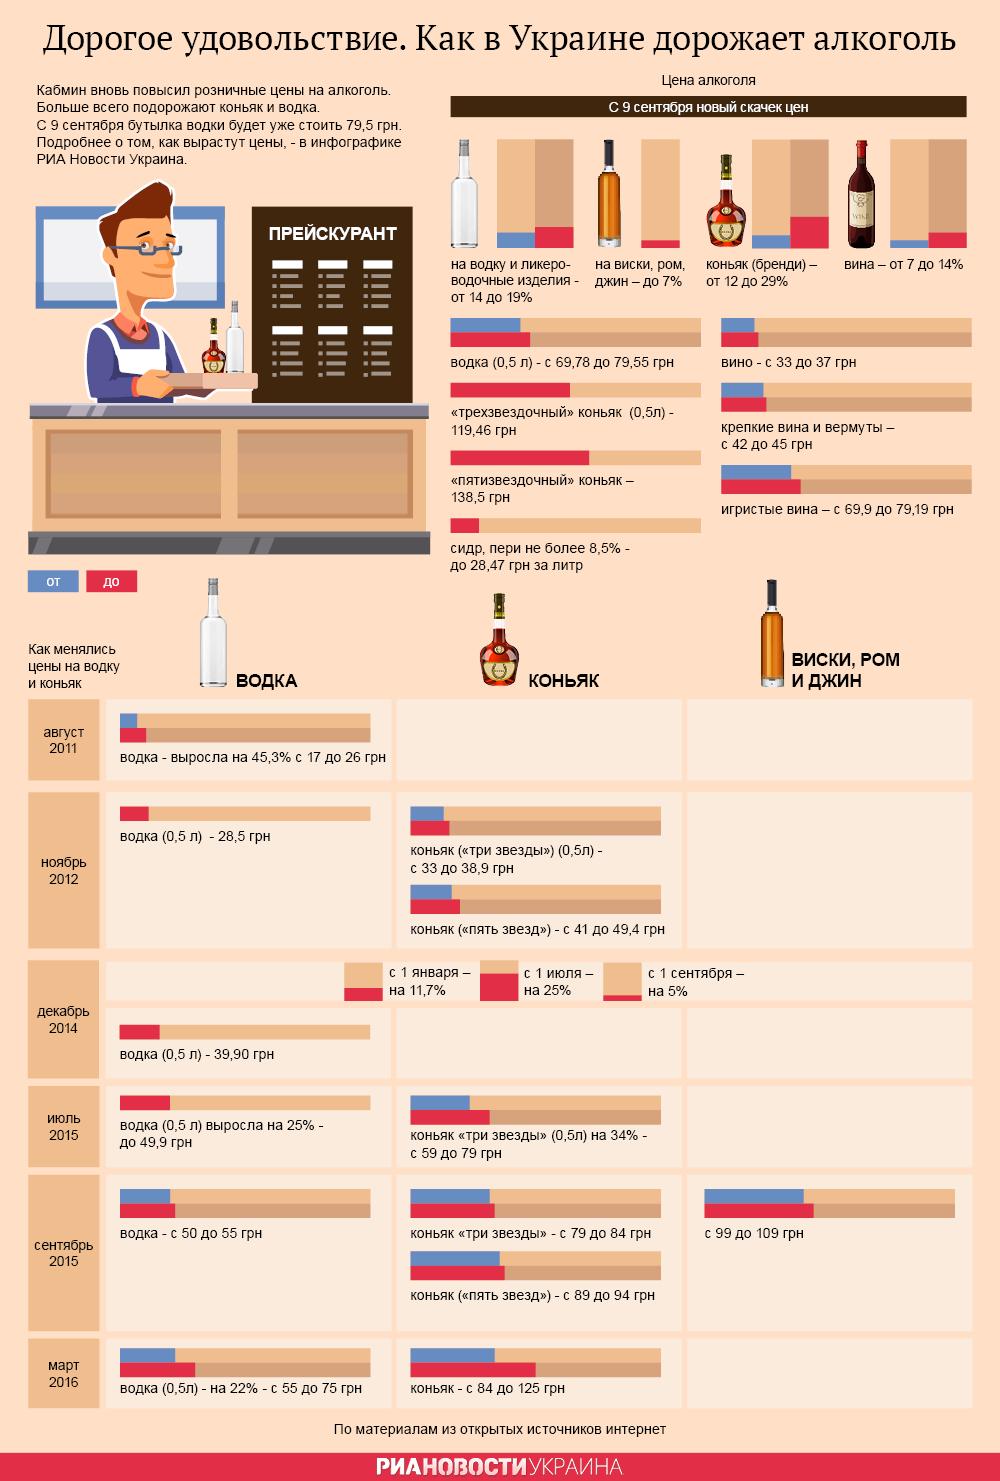 Все выше и выше. Как растут цены на алкоголь. Инфографика